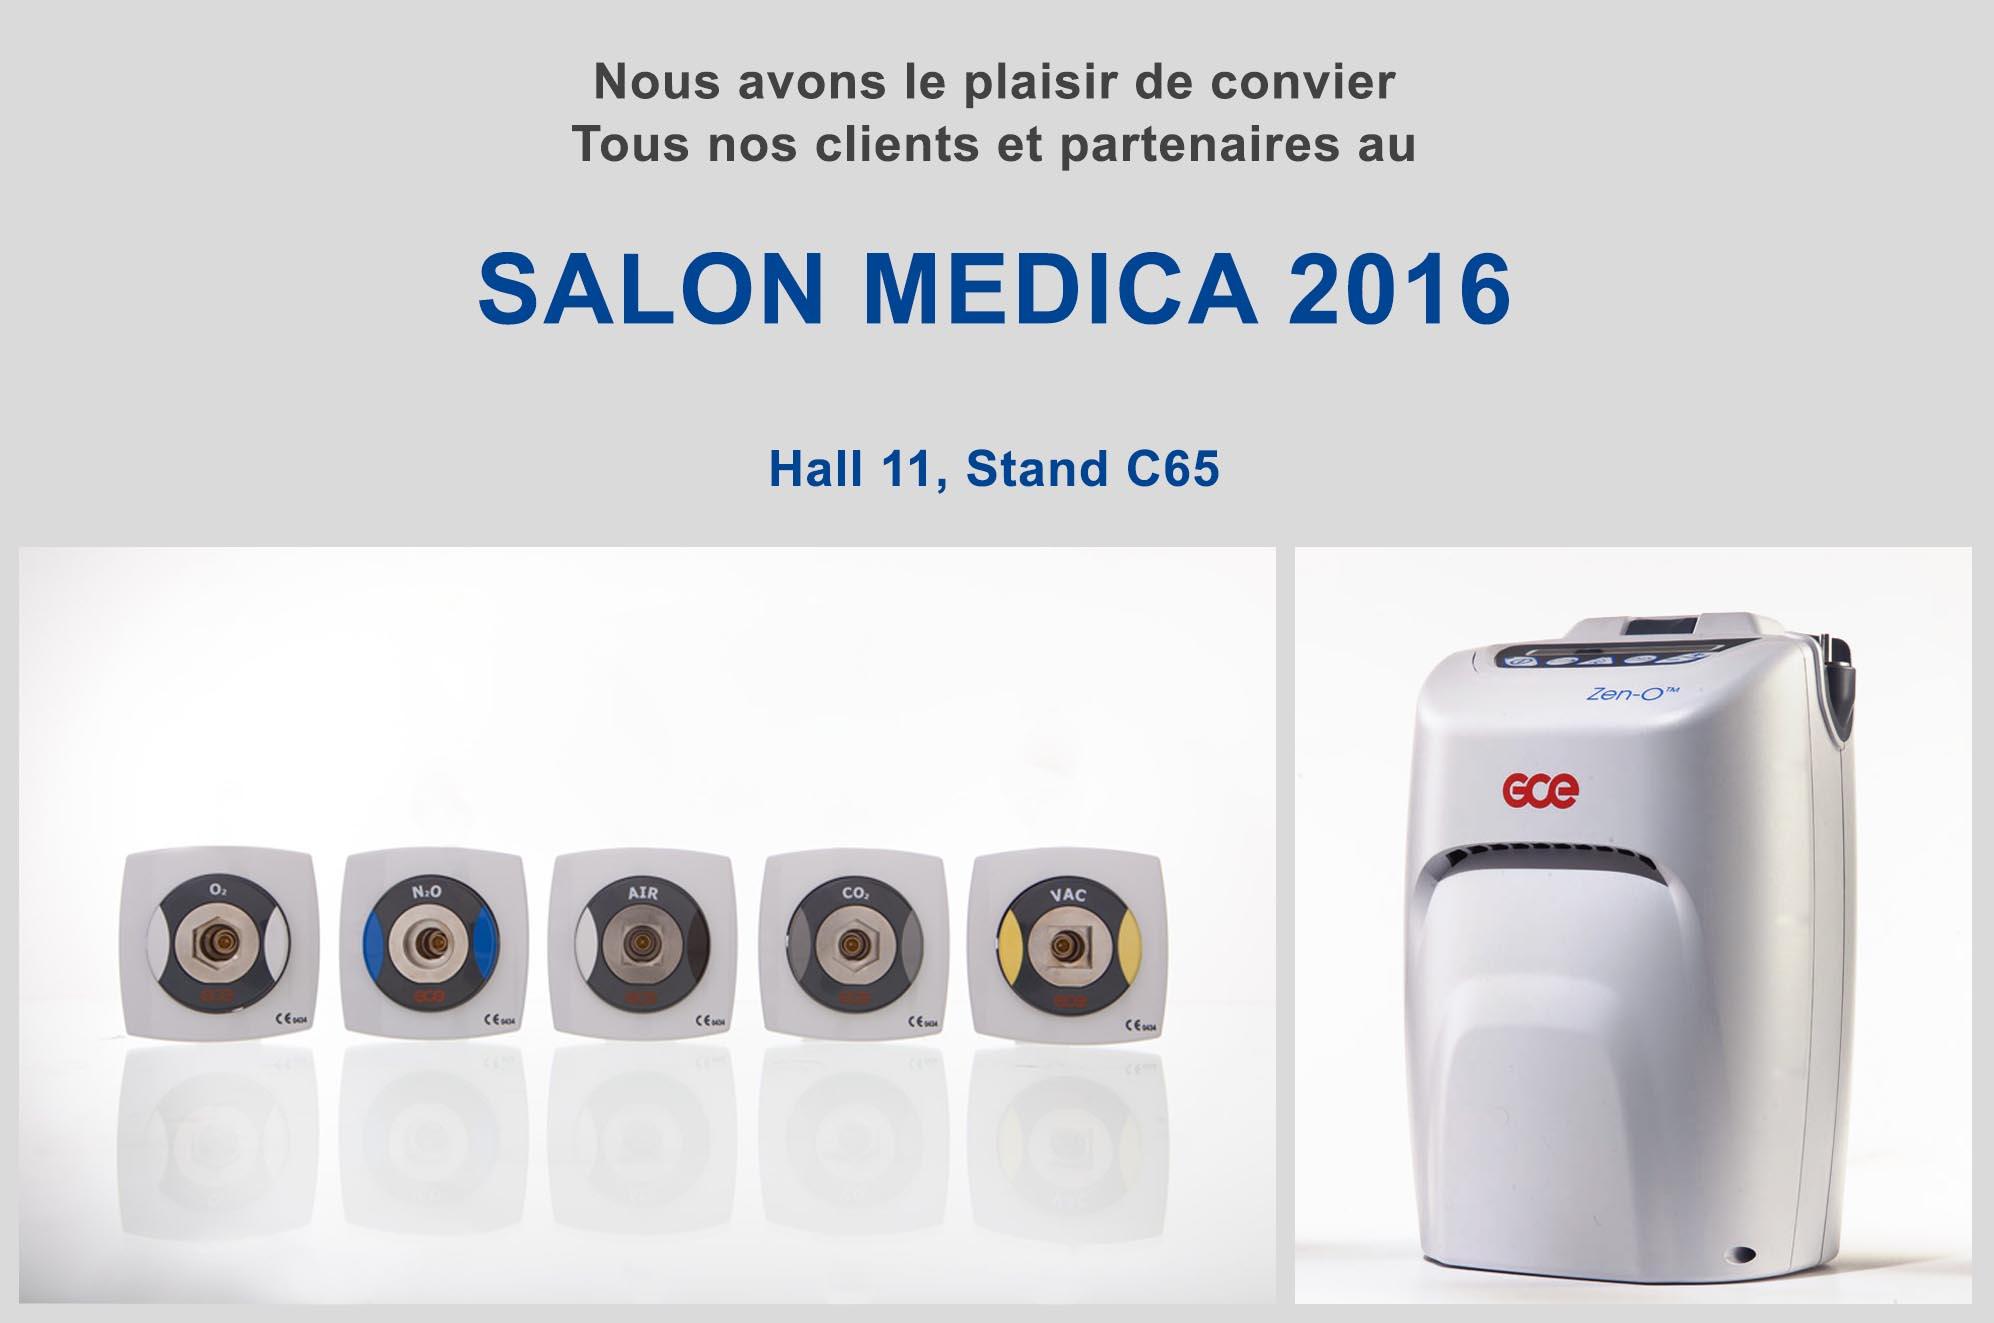 Rejoignez gce au salon medica 2016 for Salon medica